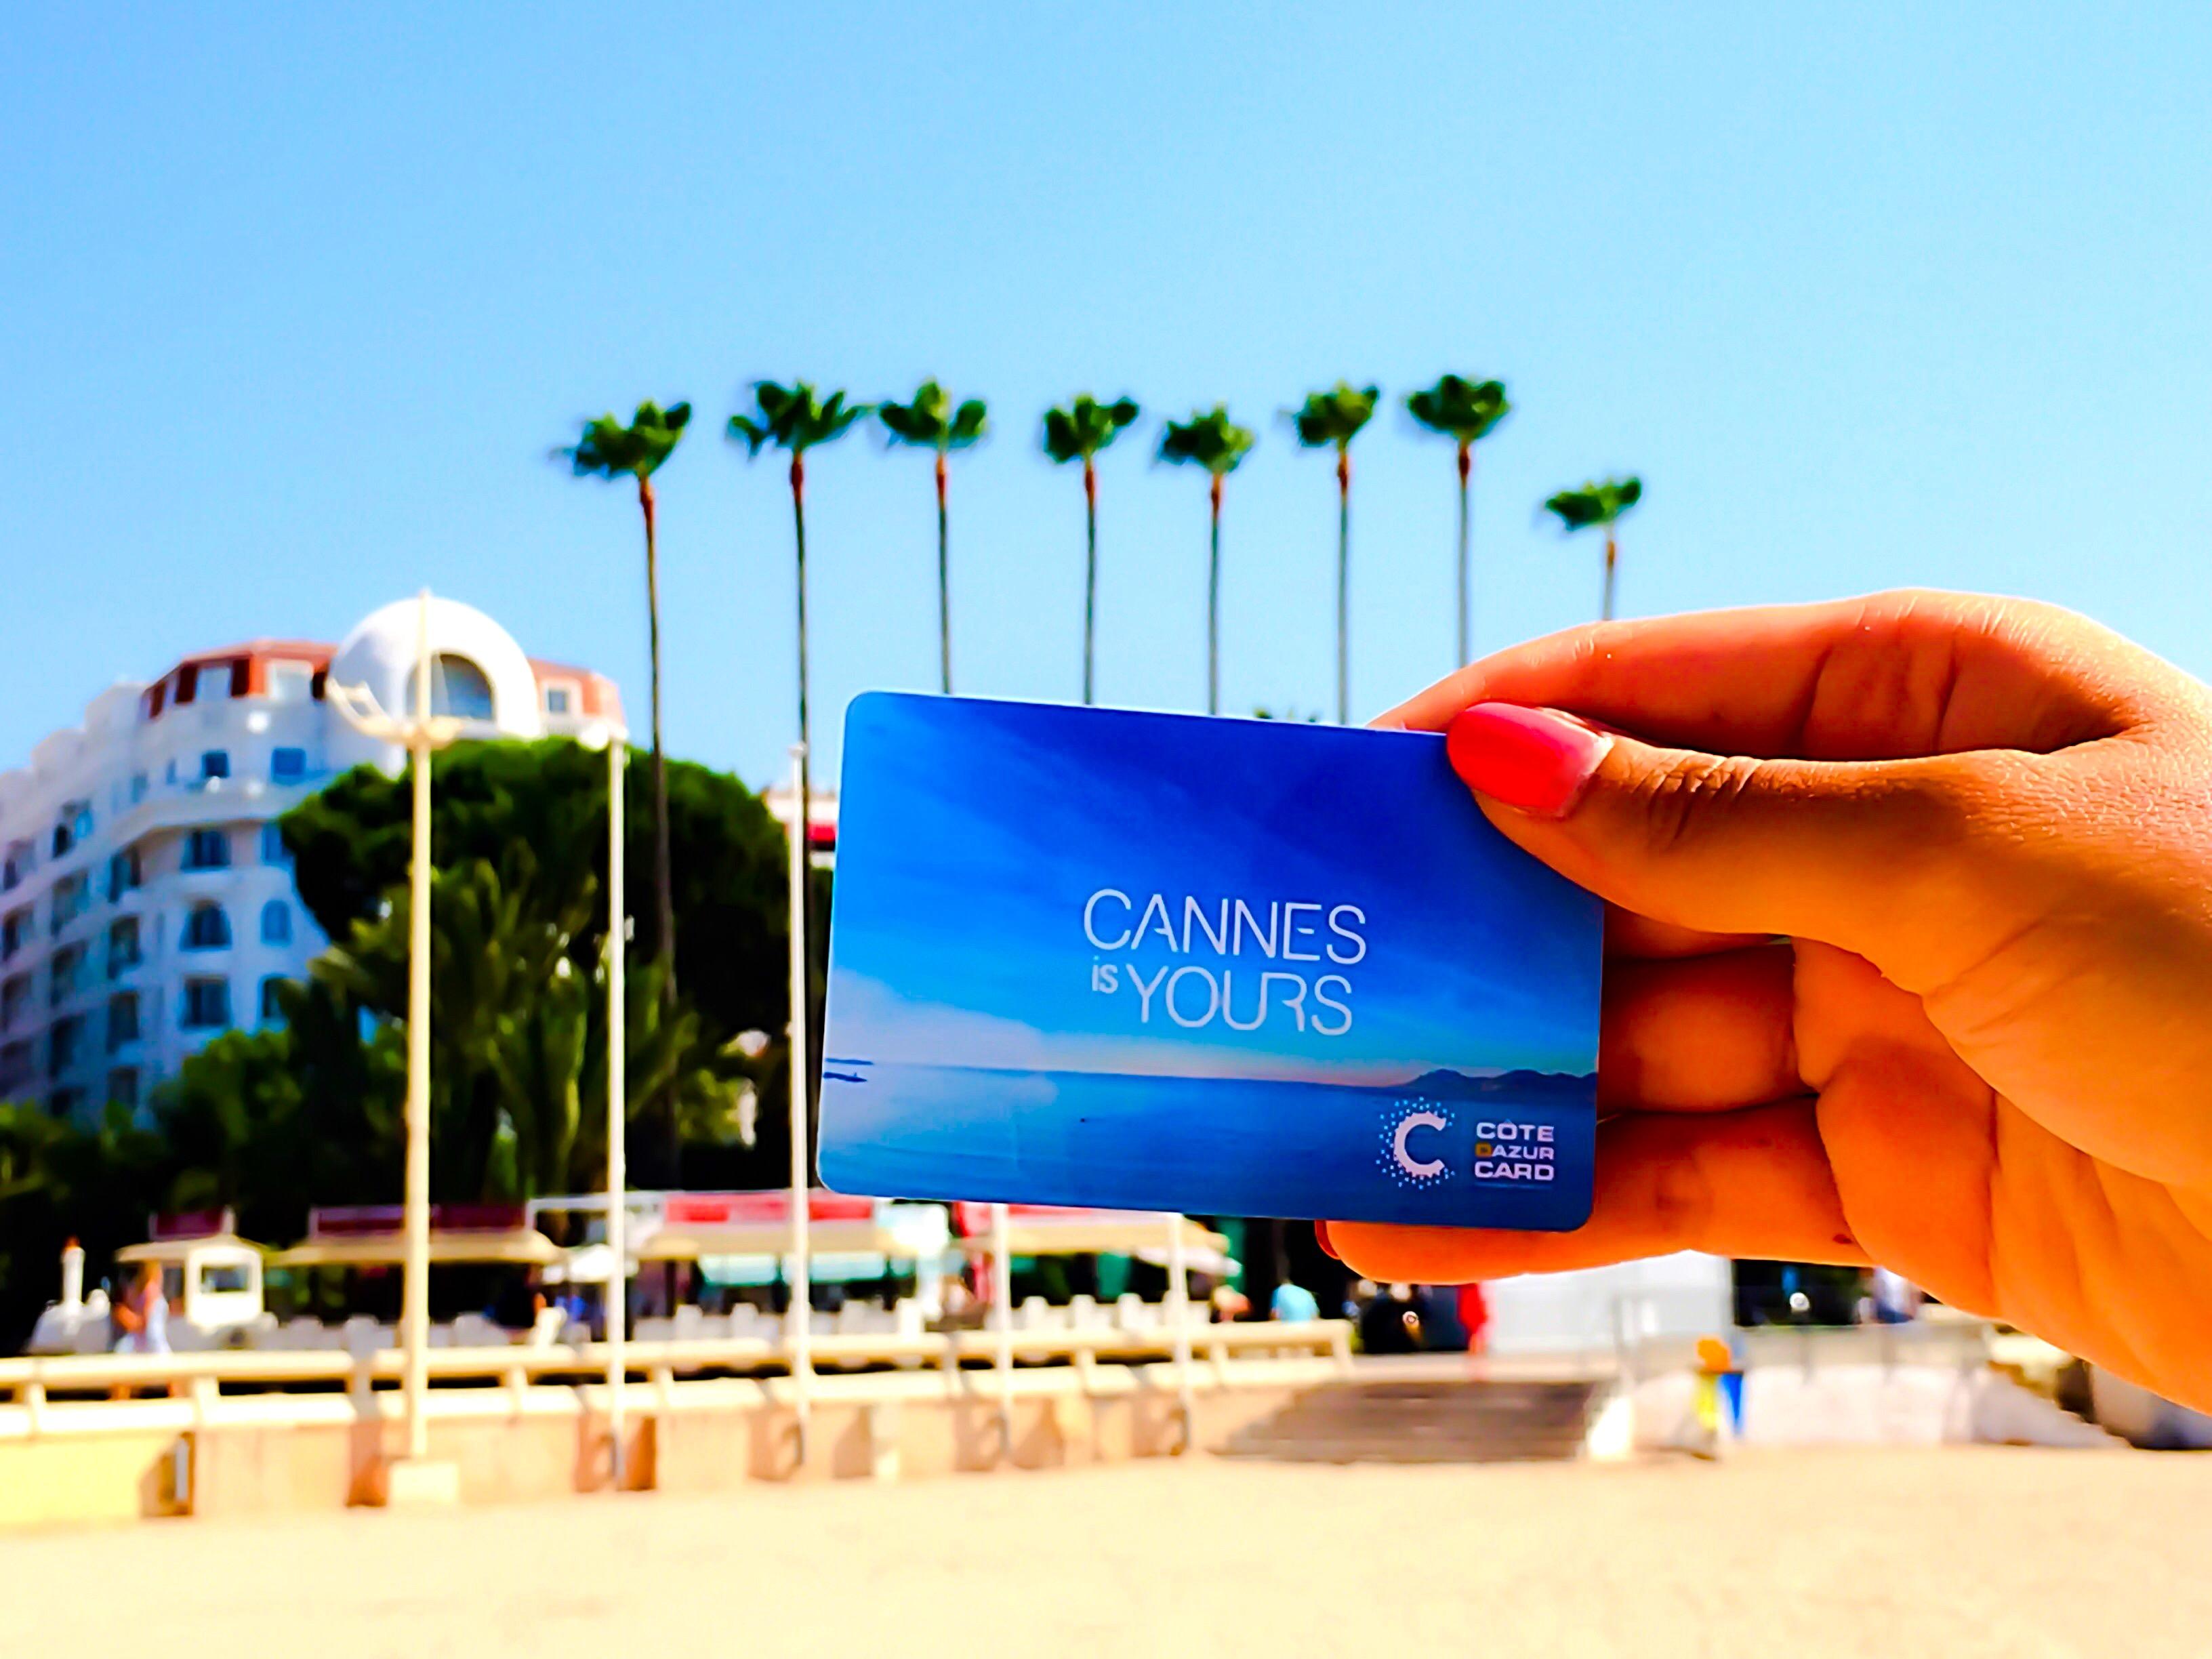 Cannes Cote d